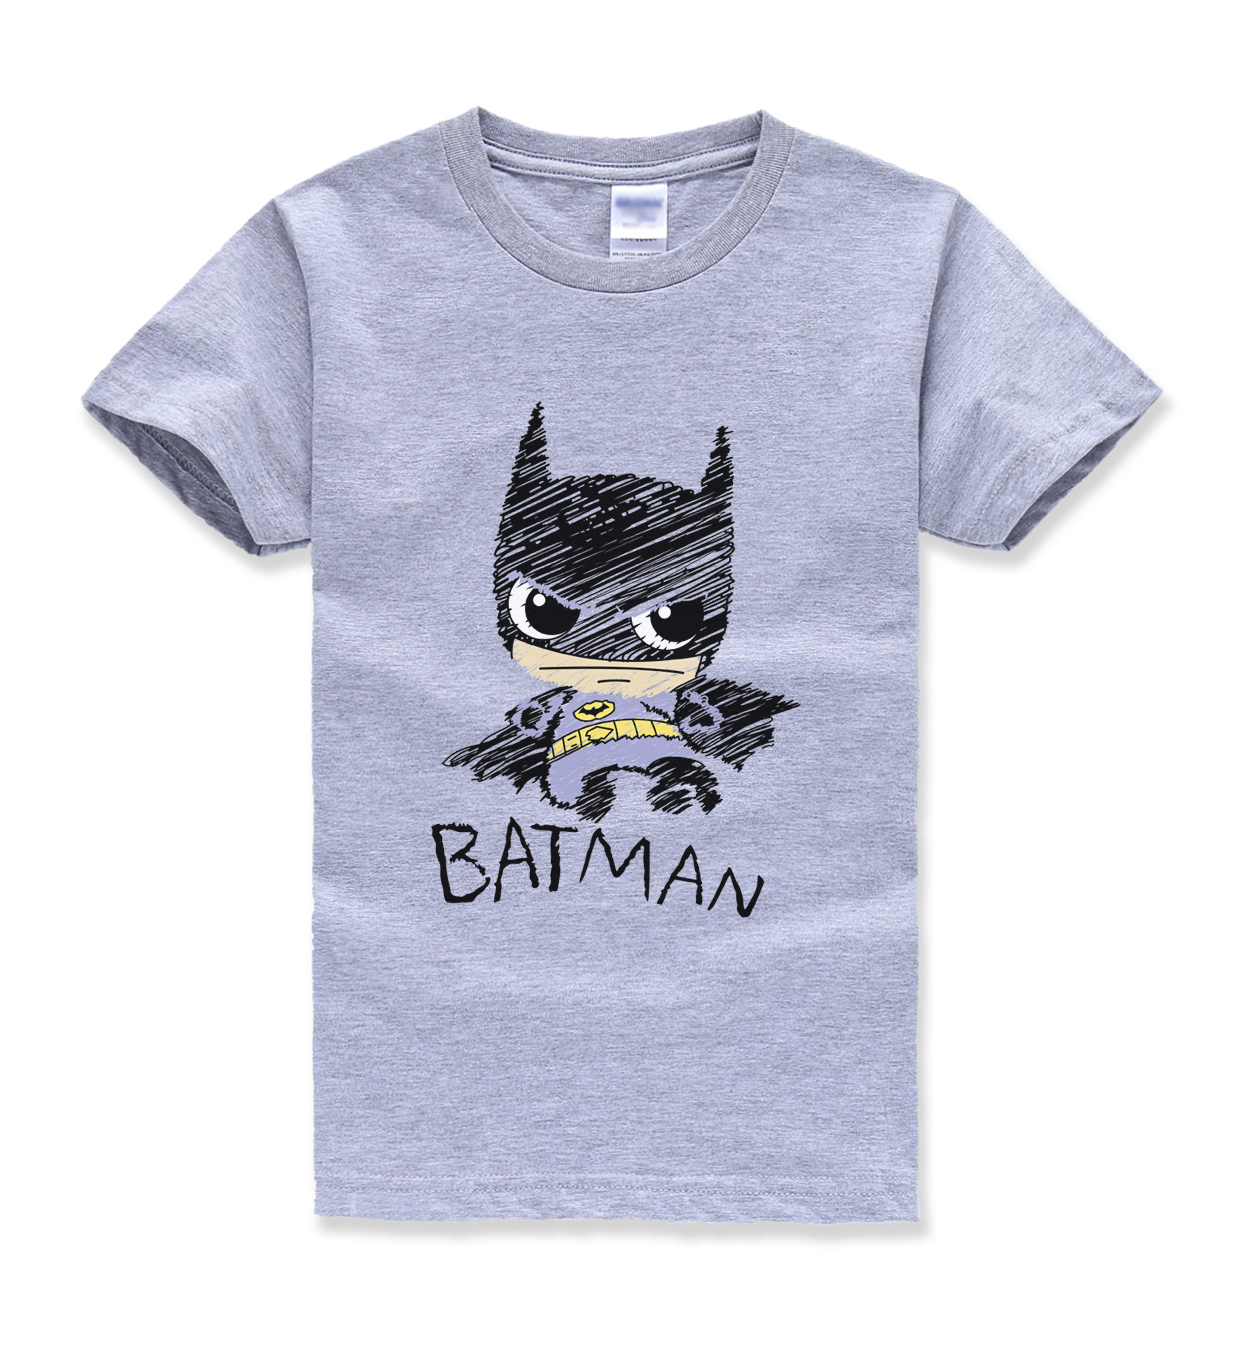 batman t shirts short sleeve homme t shirts streetwear hipster summer 2018 cotton hip hop t-shirt baby girl clothes shirt tops